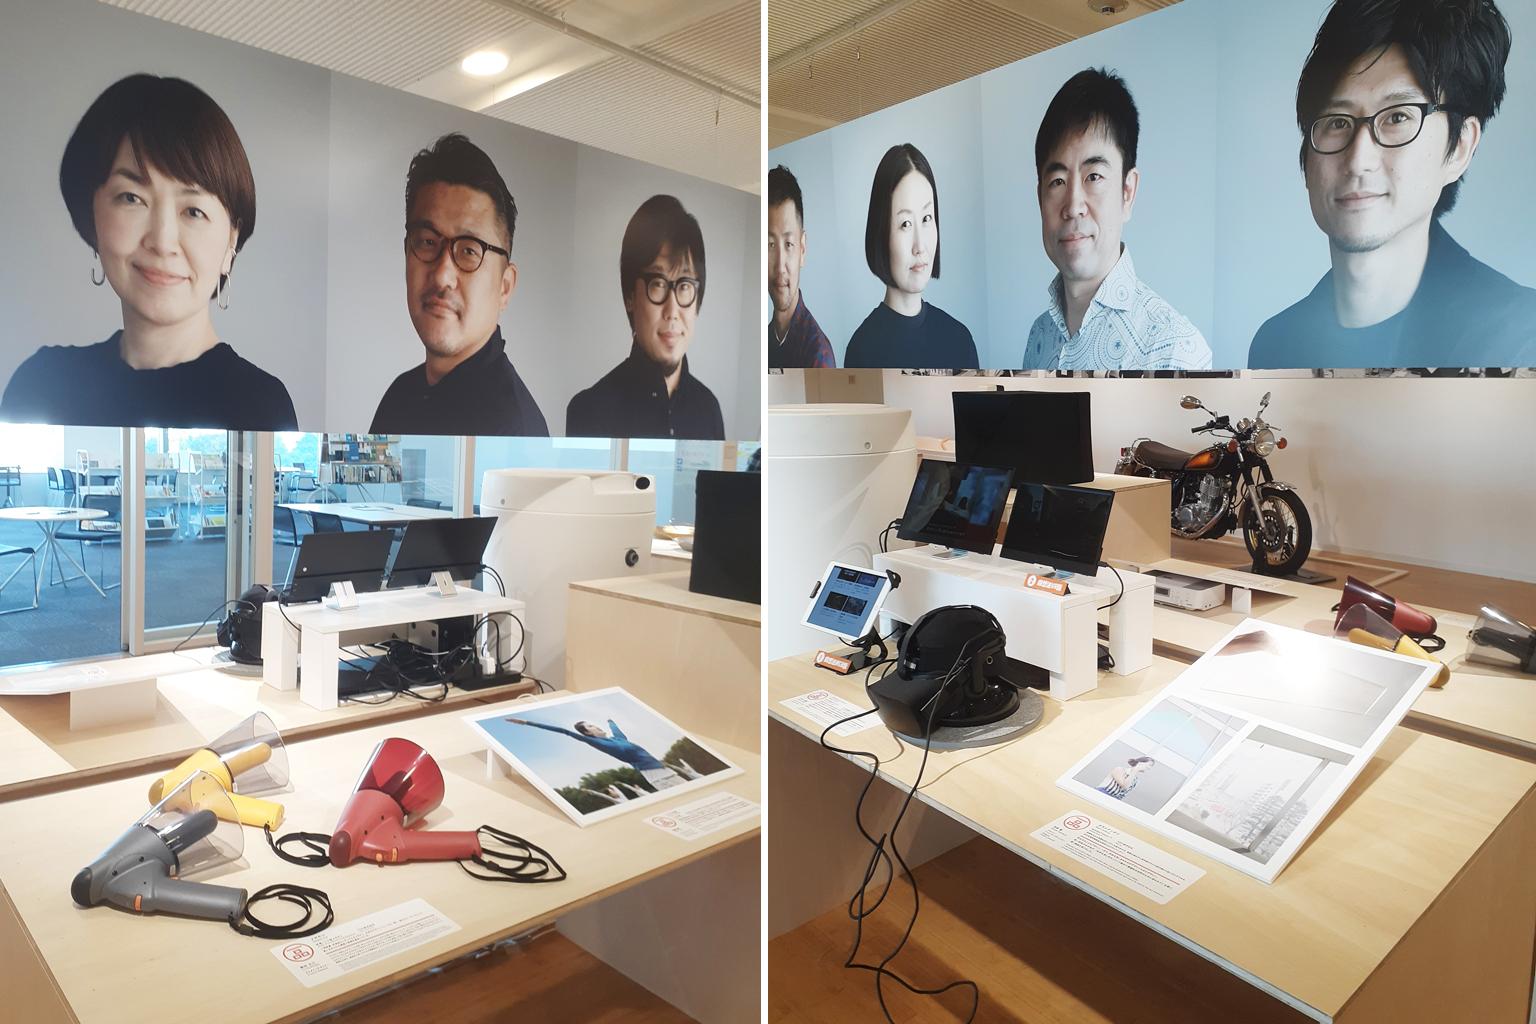 東京ミッドタウン・デザインハブ 第82回企画展 「私の選んだ一品- 2019年度グッドデザイン賞審査委員セレクション」会場の様子